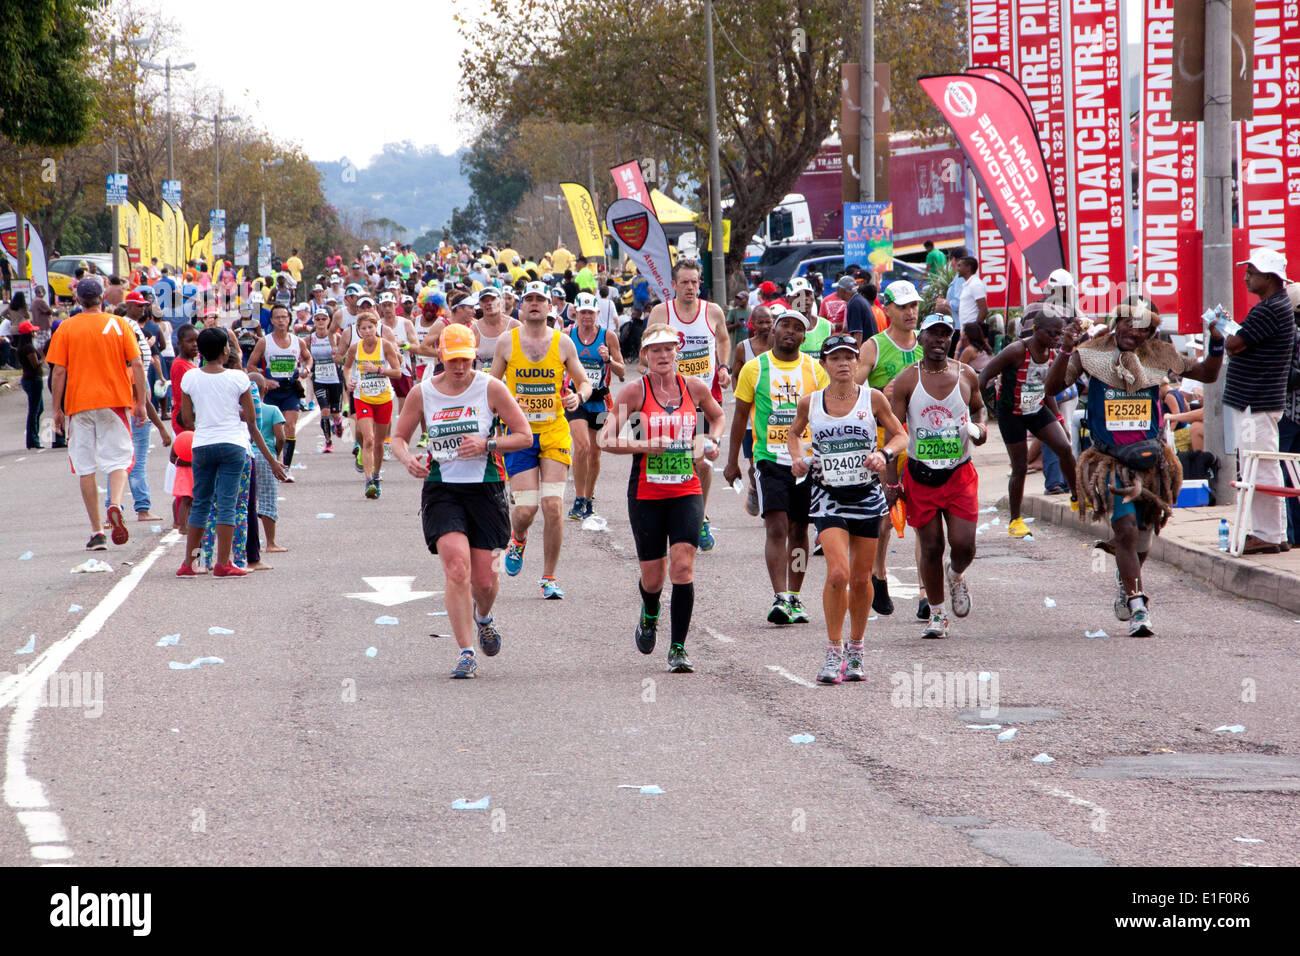 De nombreux concurrents et décorée de façon traditionnelle, runner la concurrence dans l'Ultra Marathon camarades entre Pietermaritzburg et Durban Photo Stock